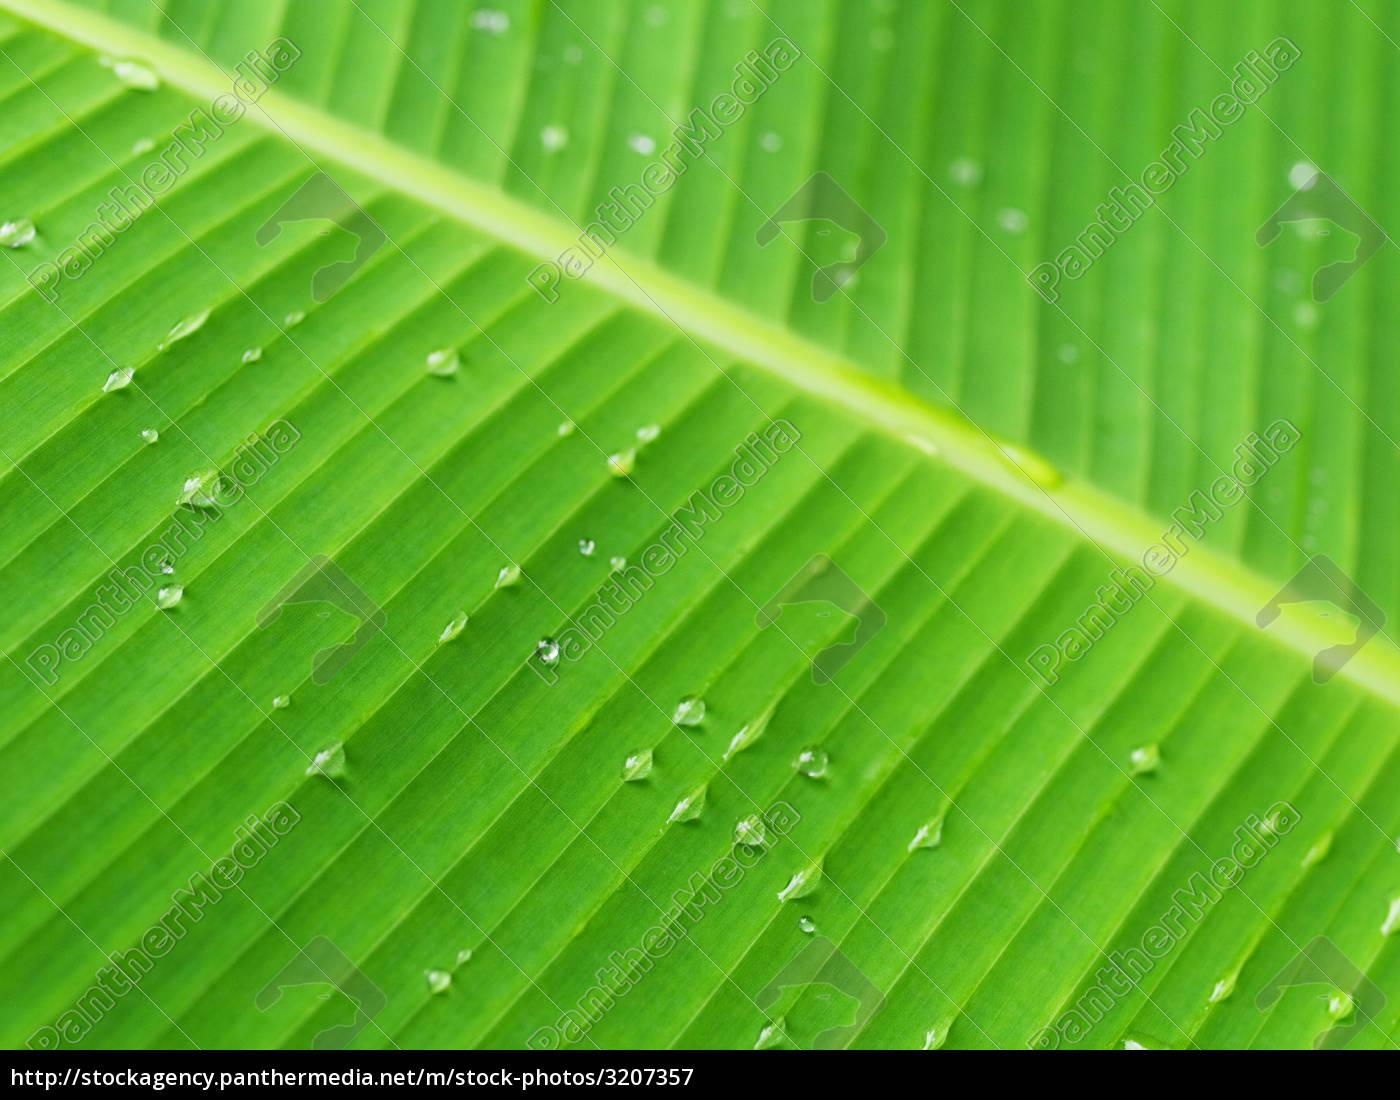 banana, leaf - 3207357